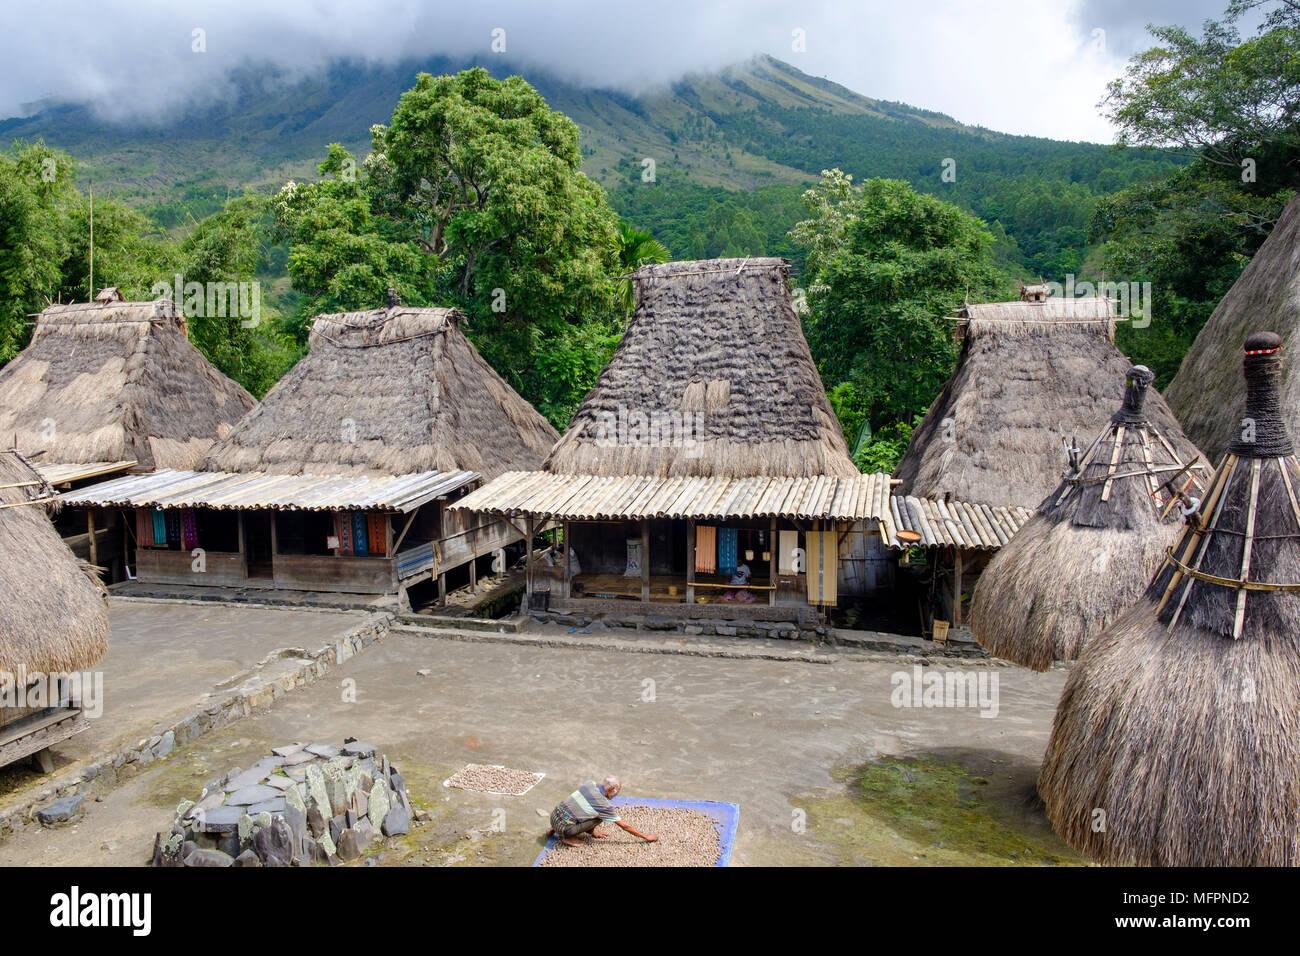 Ein Mann die Kontrolle der Muttern legte bei Bena, traditionelles Dorf, zu trocknen, ngada Bezirk, Insel Flores, Indonesien. Stockbild